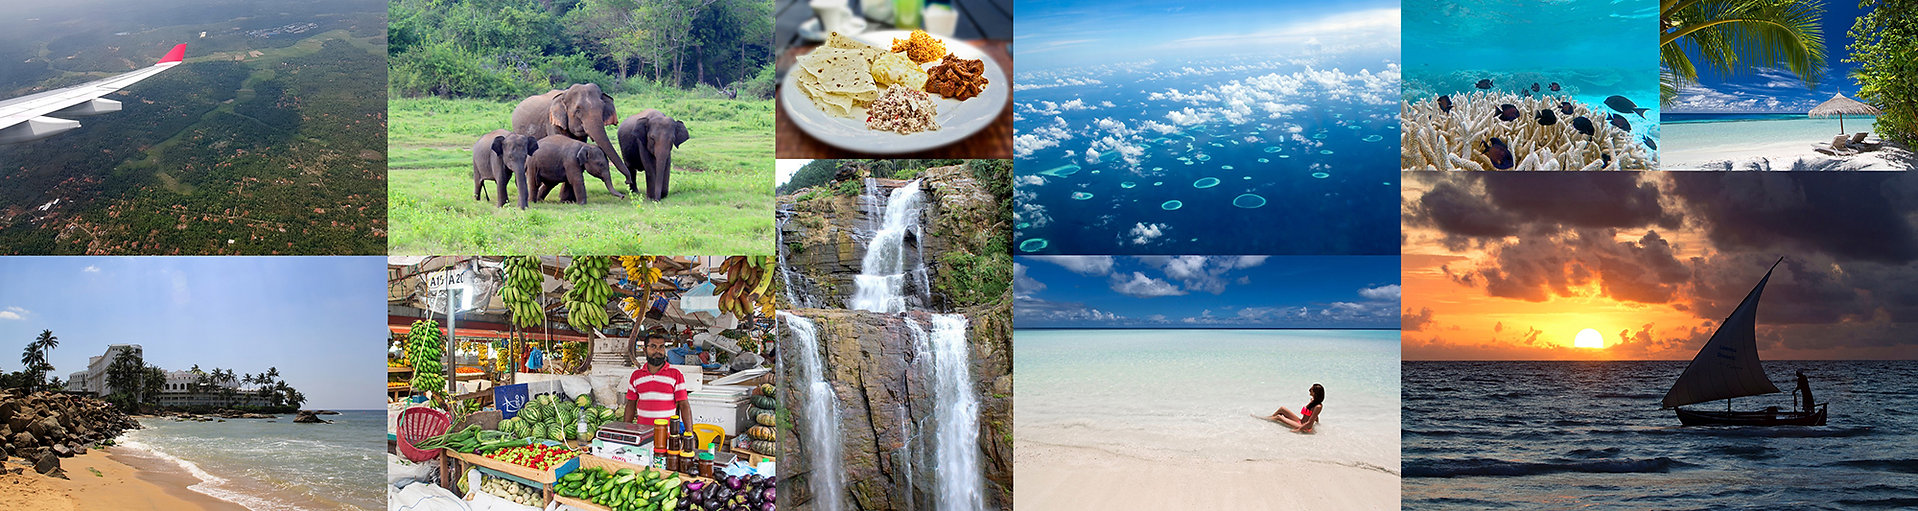 Poznávací zájezdy Srí Lanka a Maledivy